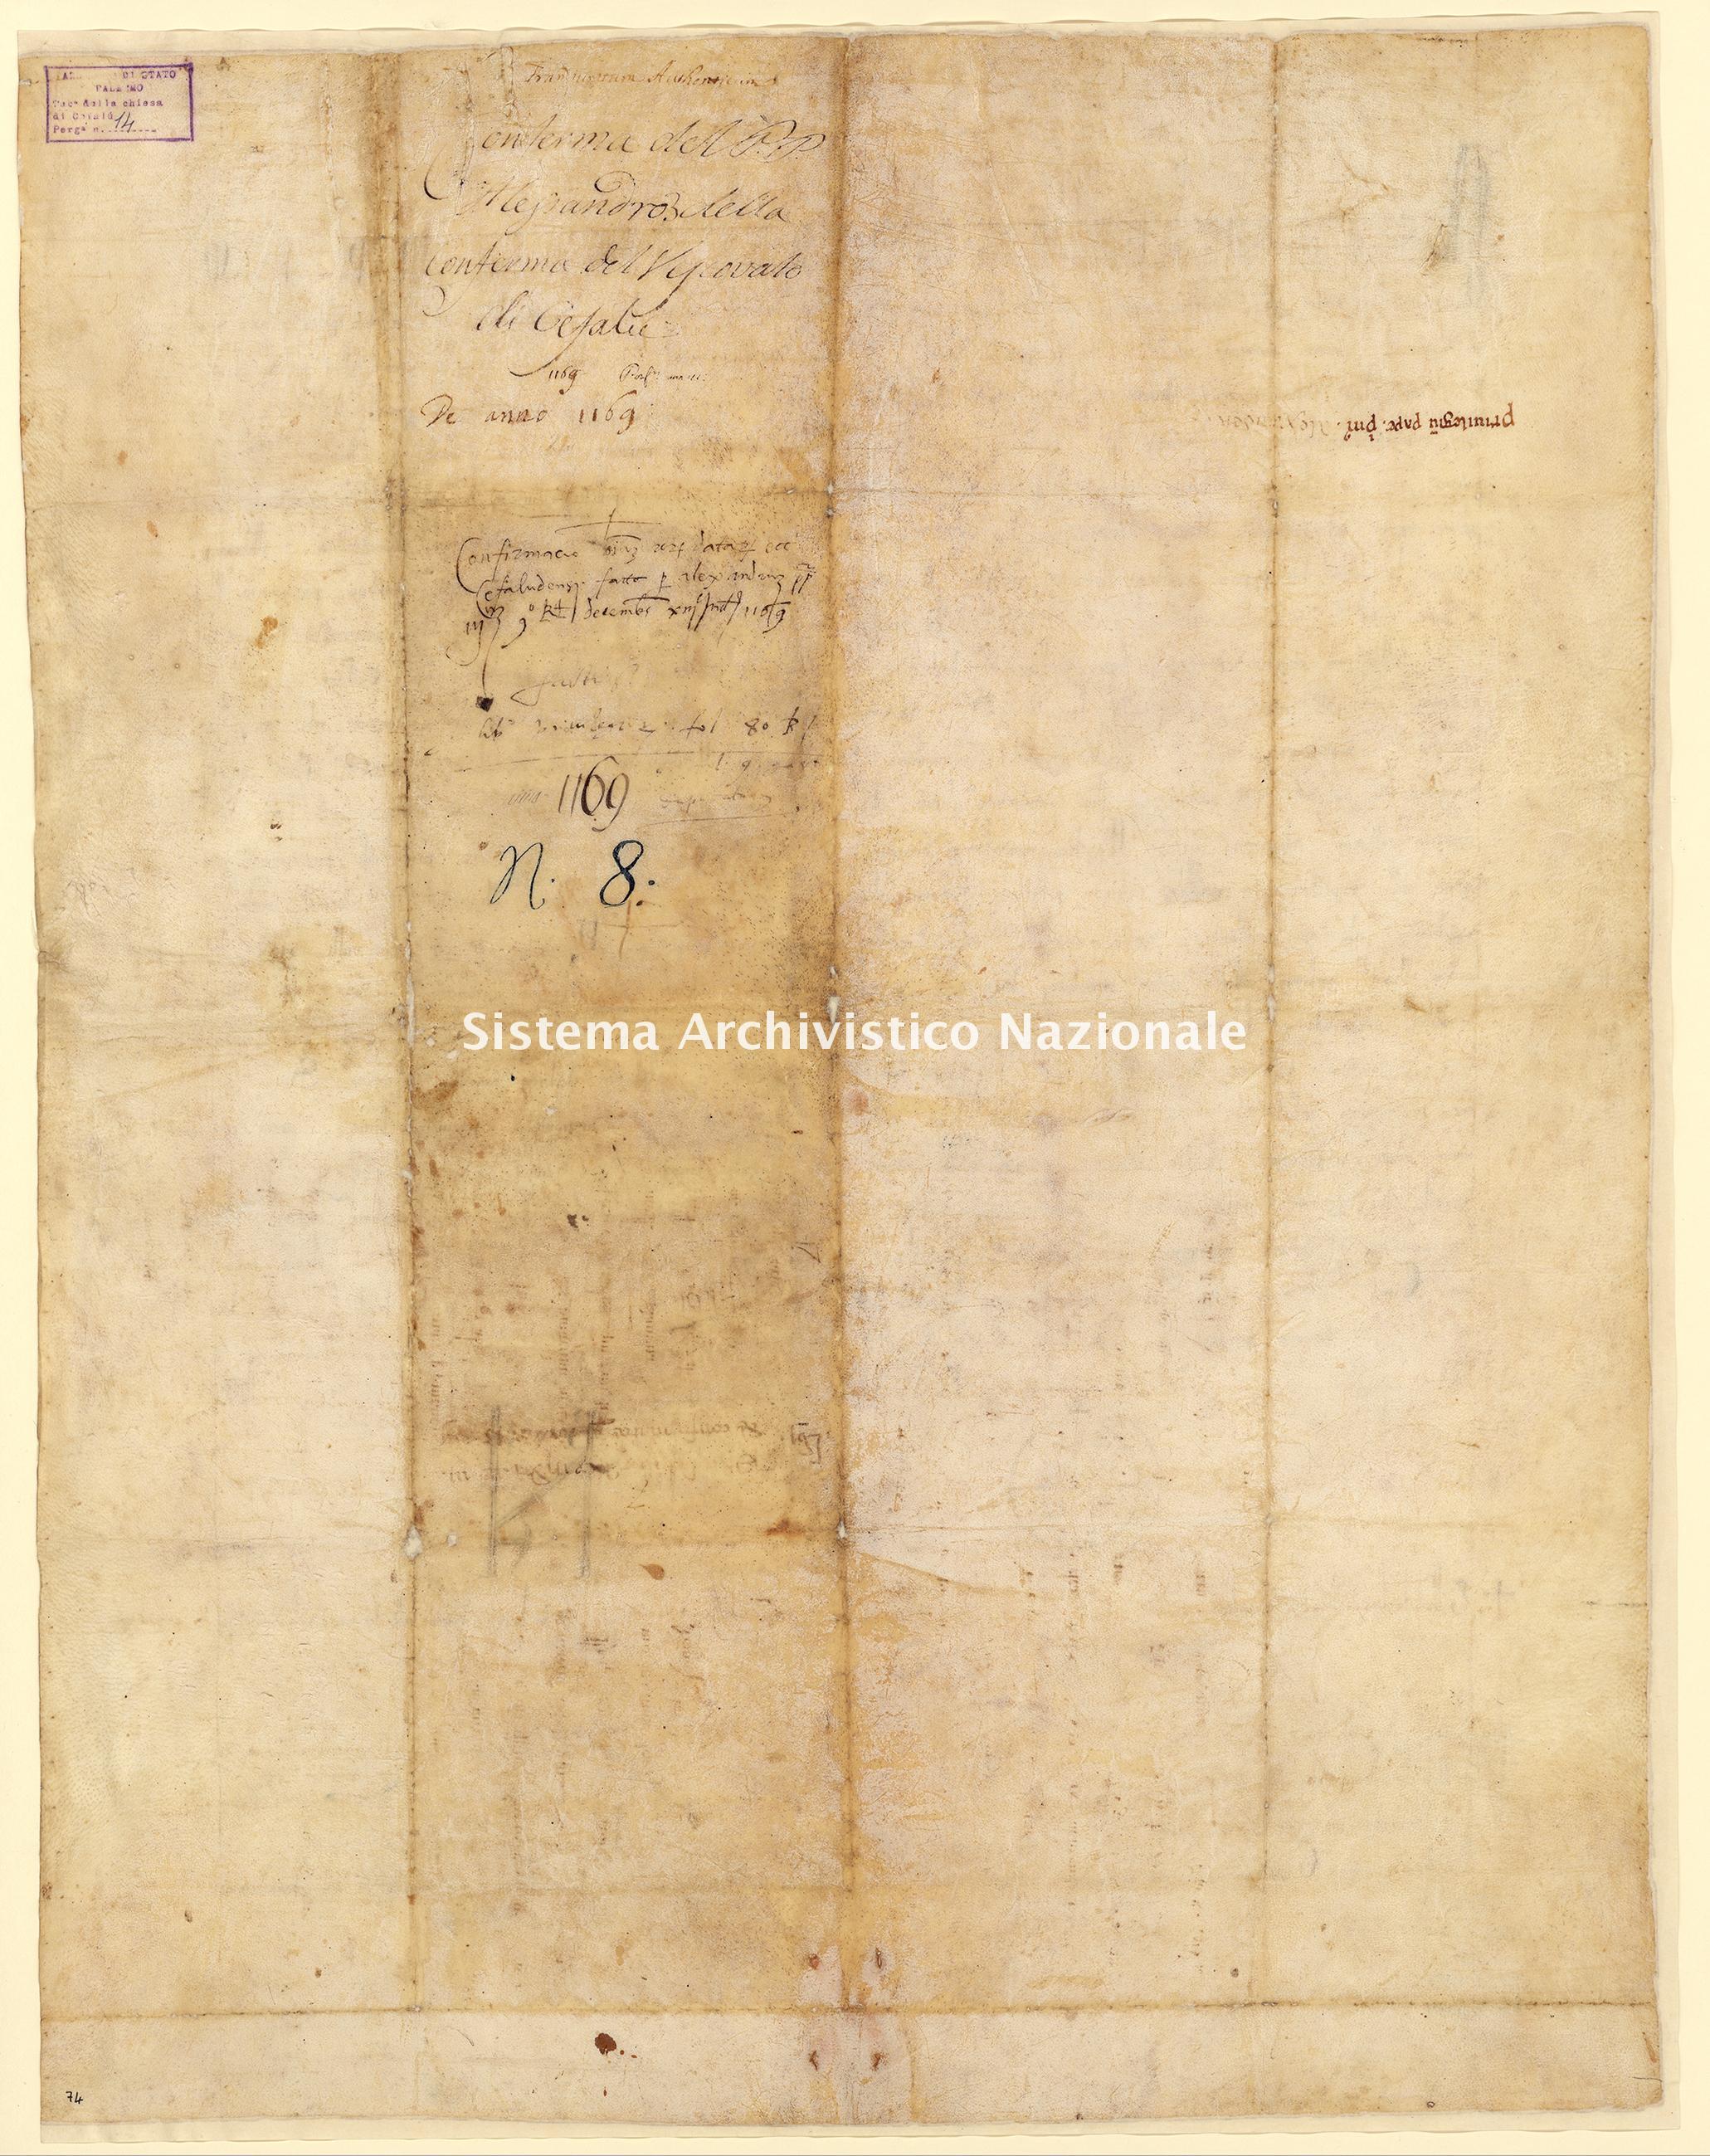 Archivio di Stato di Palermo, Diplomatico, Tabulario della Mensa vescovile di Cefalù, Pergamena TMC 014